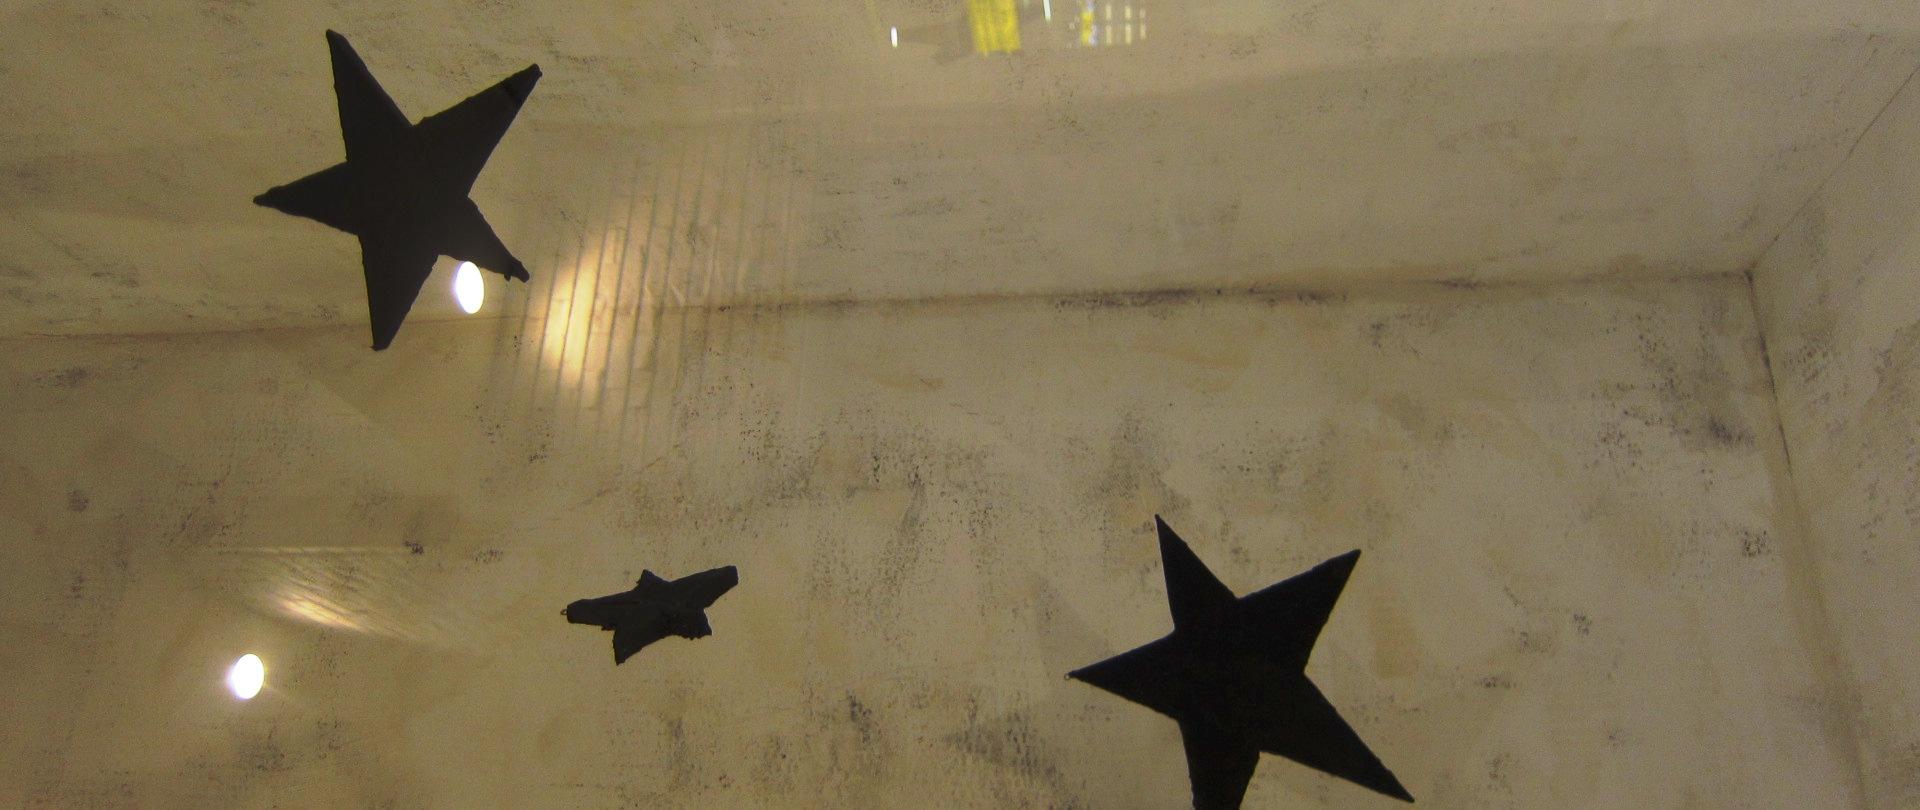 2485)「経塚真代造形作家)[見ているのか 見られているのか]」JRタワーARTBOX 12月1日(火)~2月29日(月_f0126829_13254725.jpg